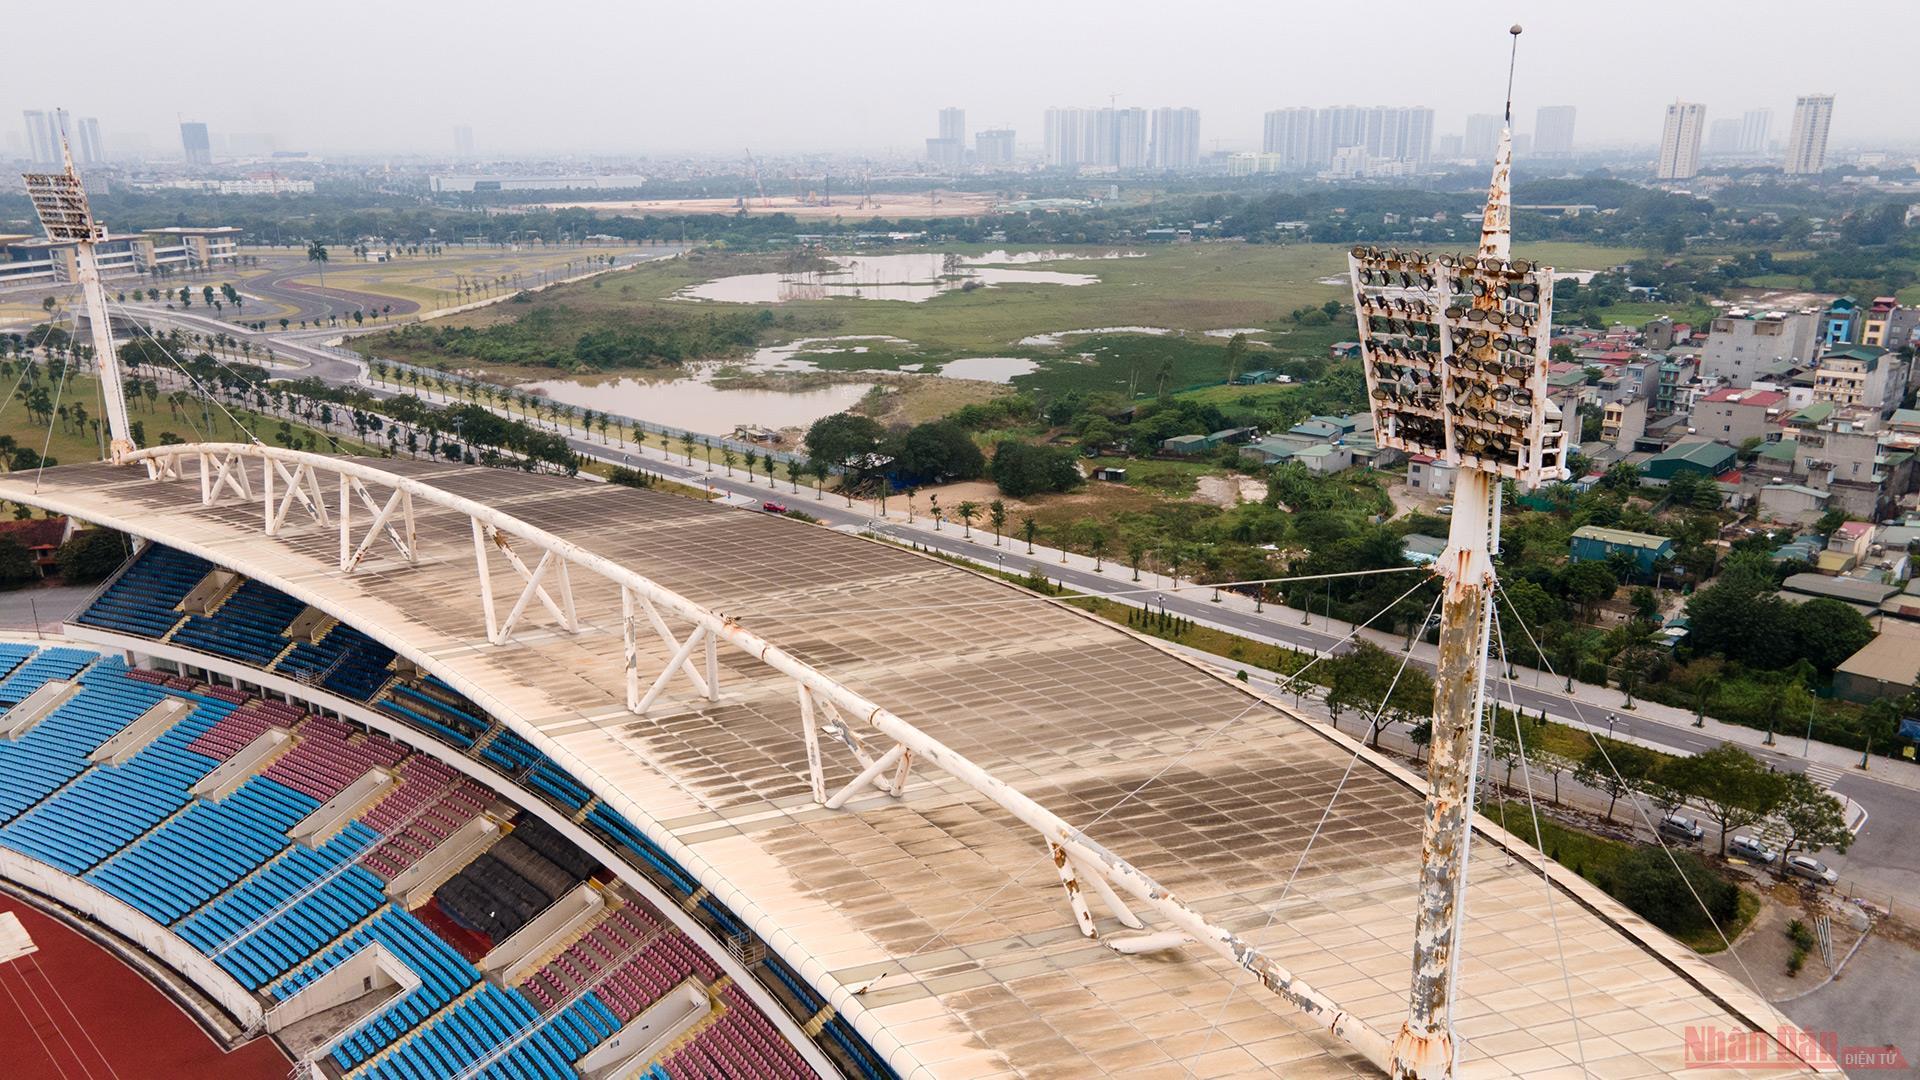 Cận cảnh công trường nâng cấp Sân vận động quốc gia Mỹ Đình phục vụ SEA Games 31 -0